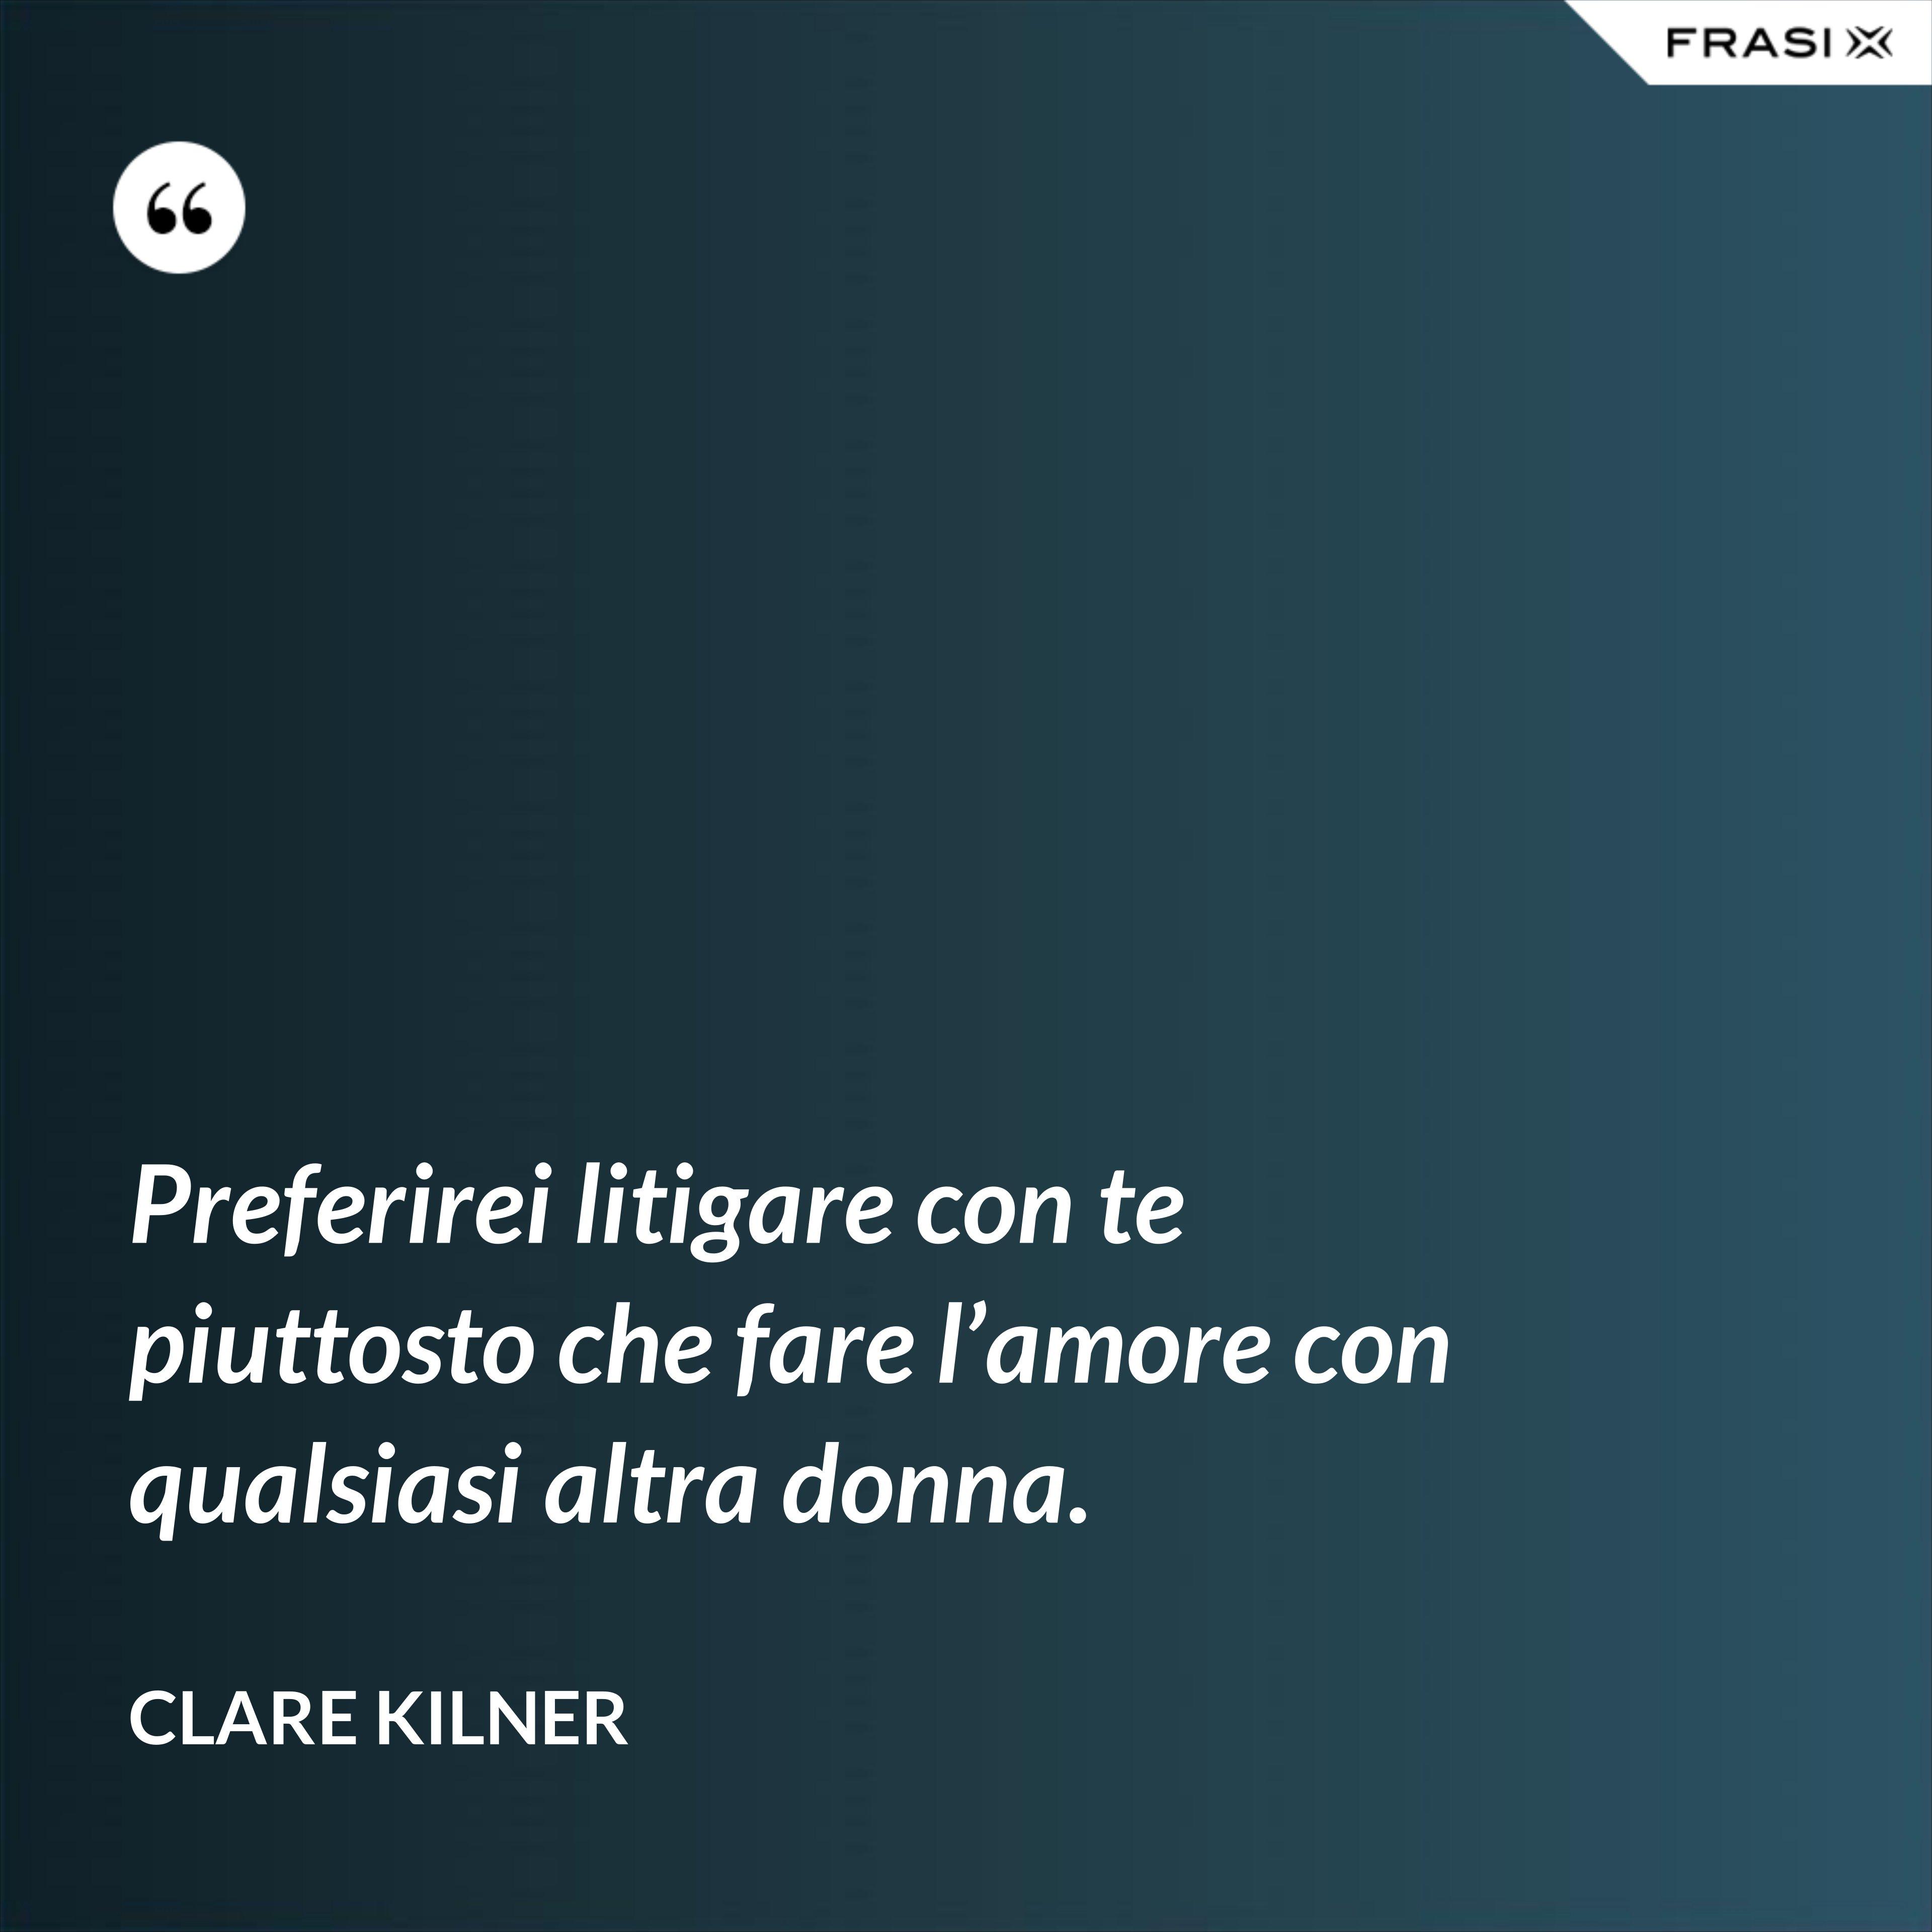 Preferirei litigare con te piuttosto che fare l'amore con qualsiasi altra donna. - Clare Kilner